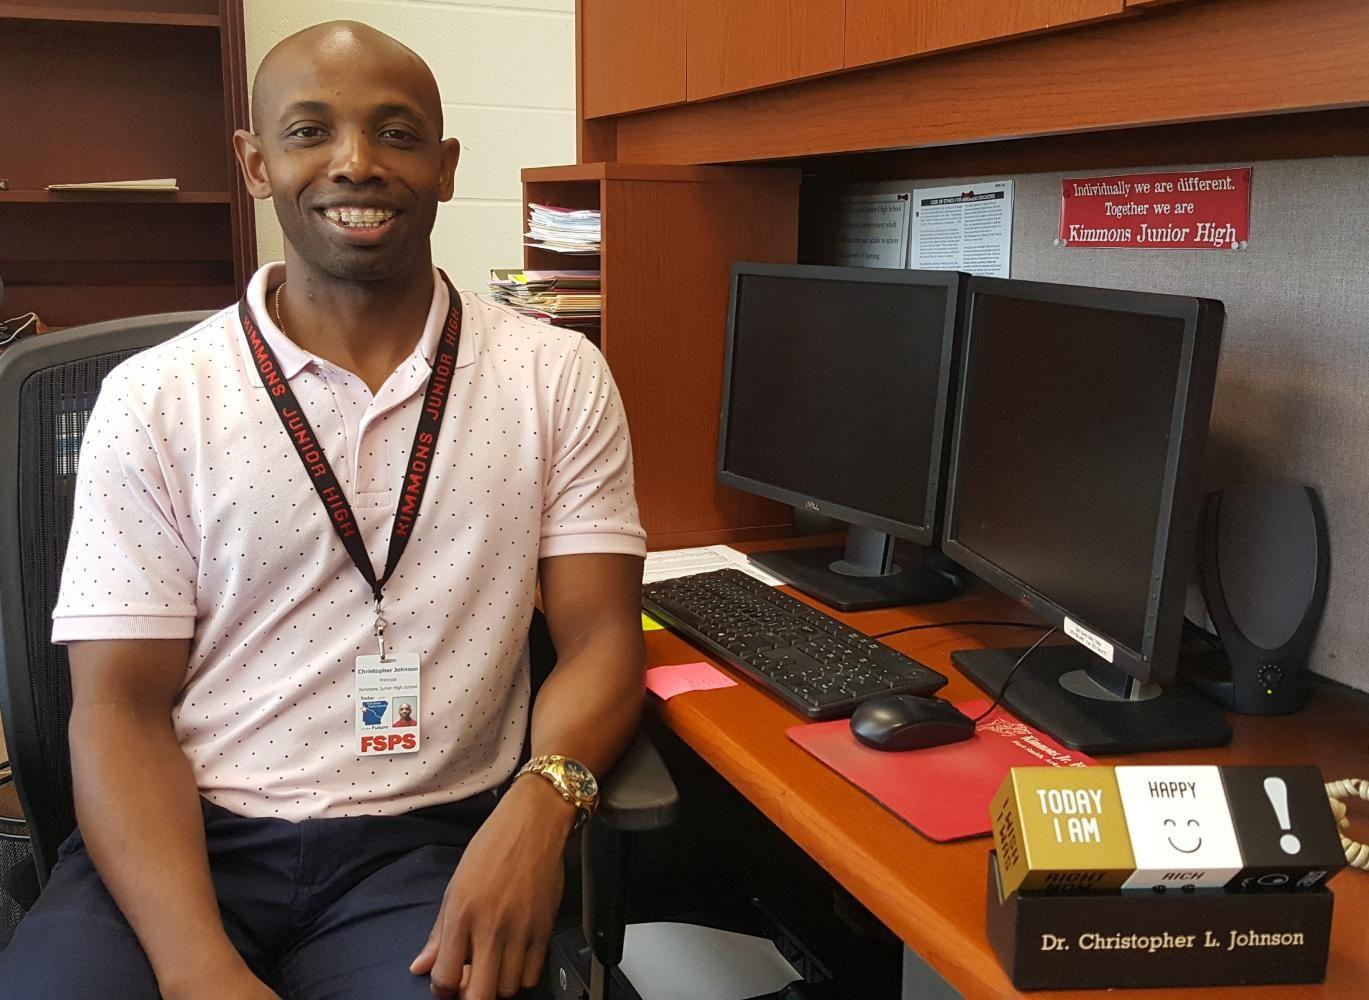 Dr.+Johnson+Becomes+New+Principal+at+KJH